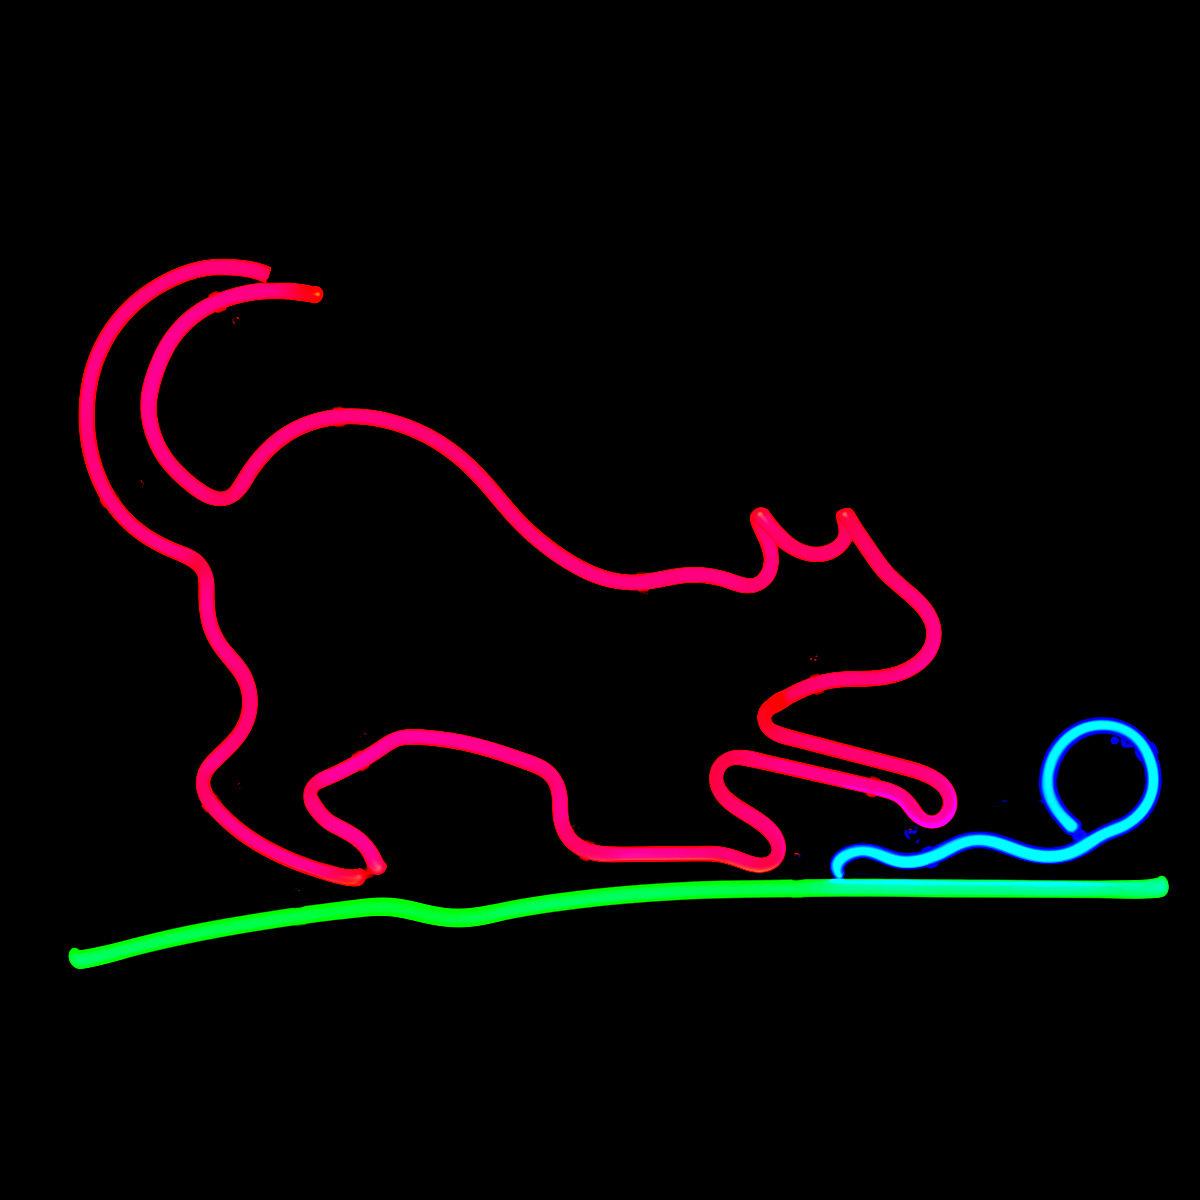 Designer Neon Cat Light Sculpture by John Barton - Famous USA Neon Glass Artist